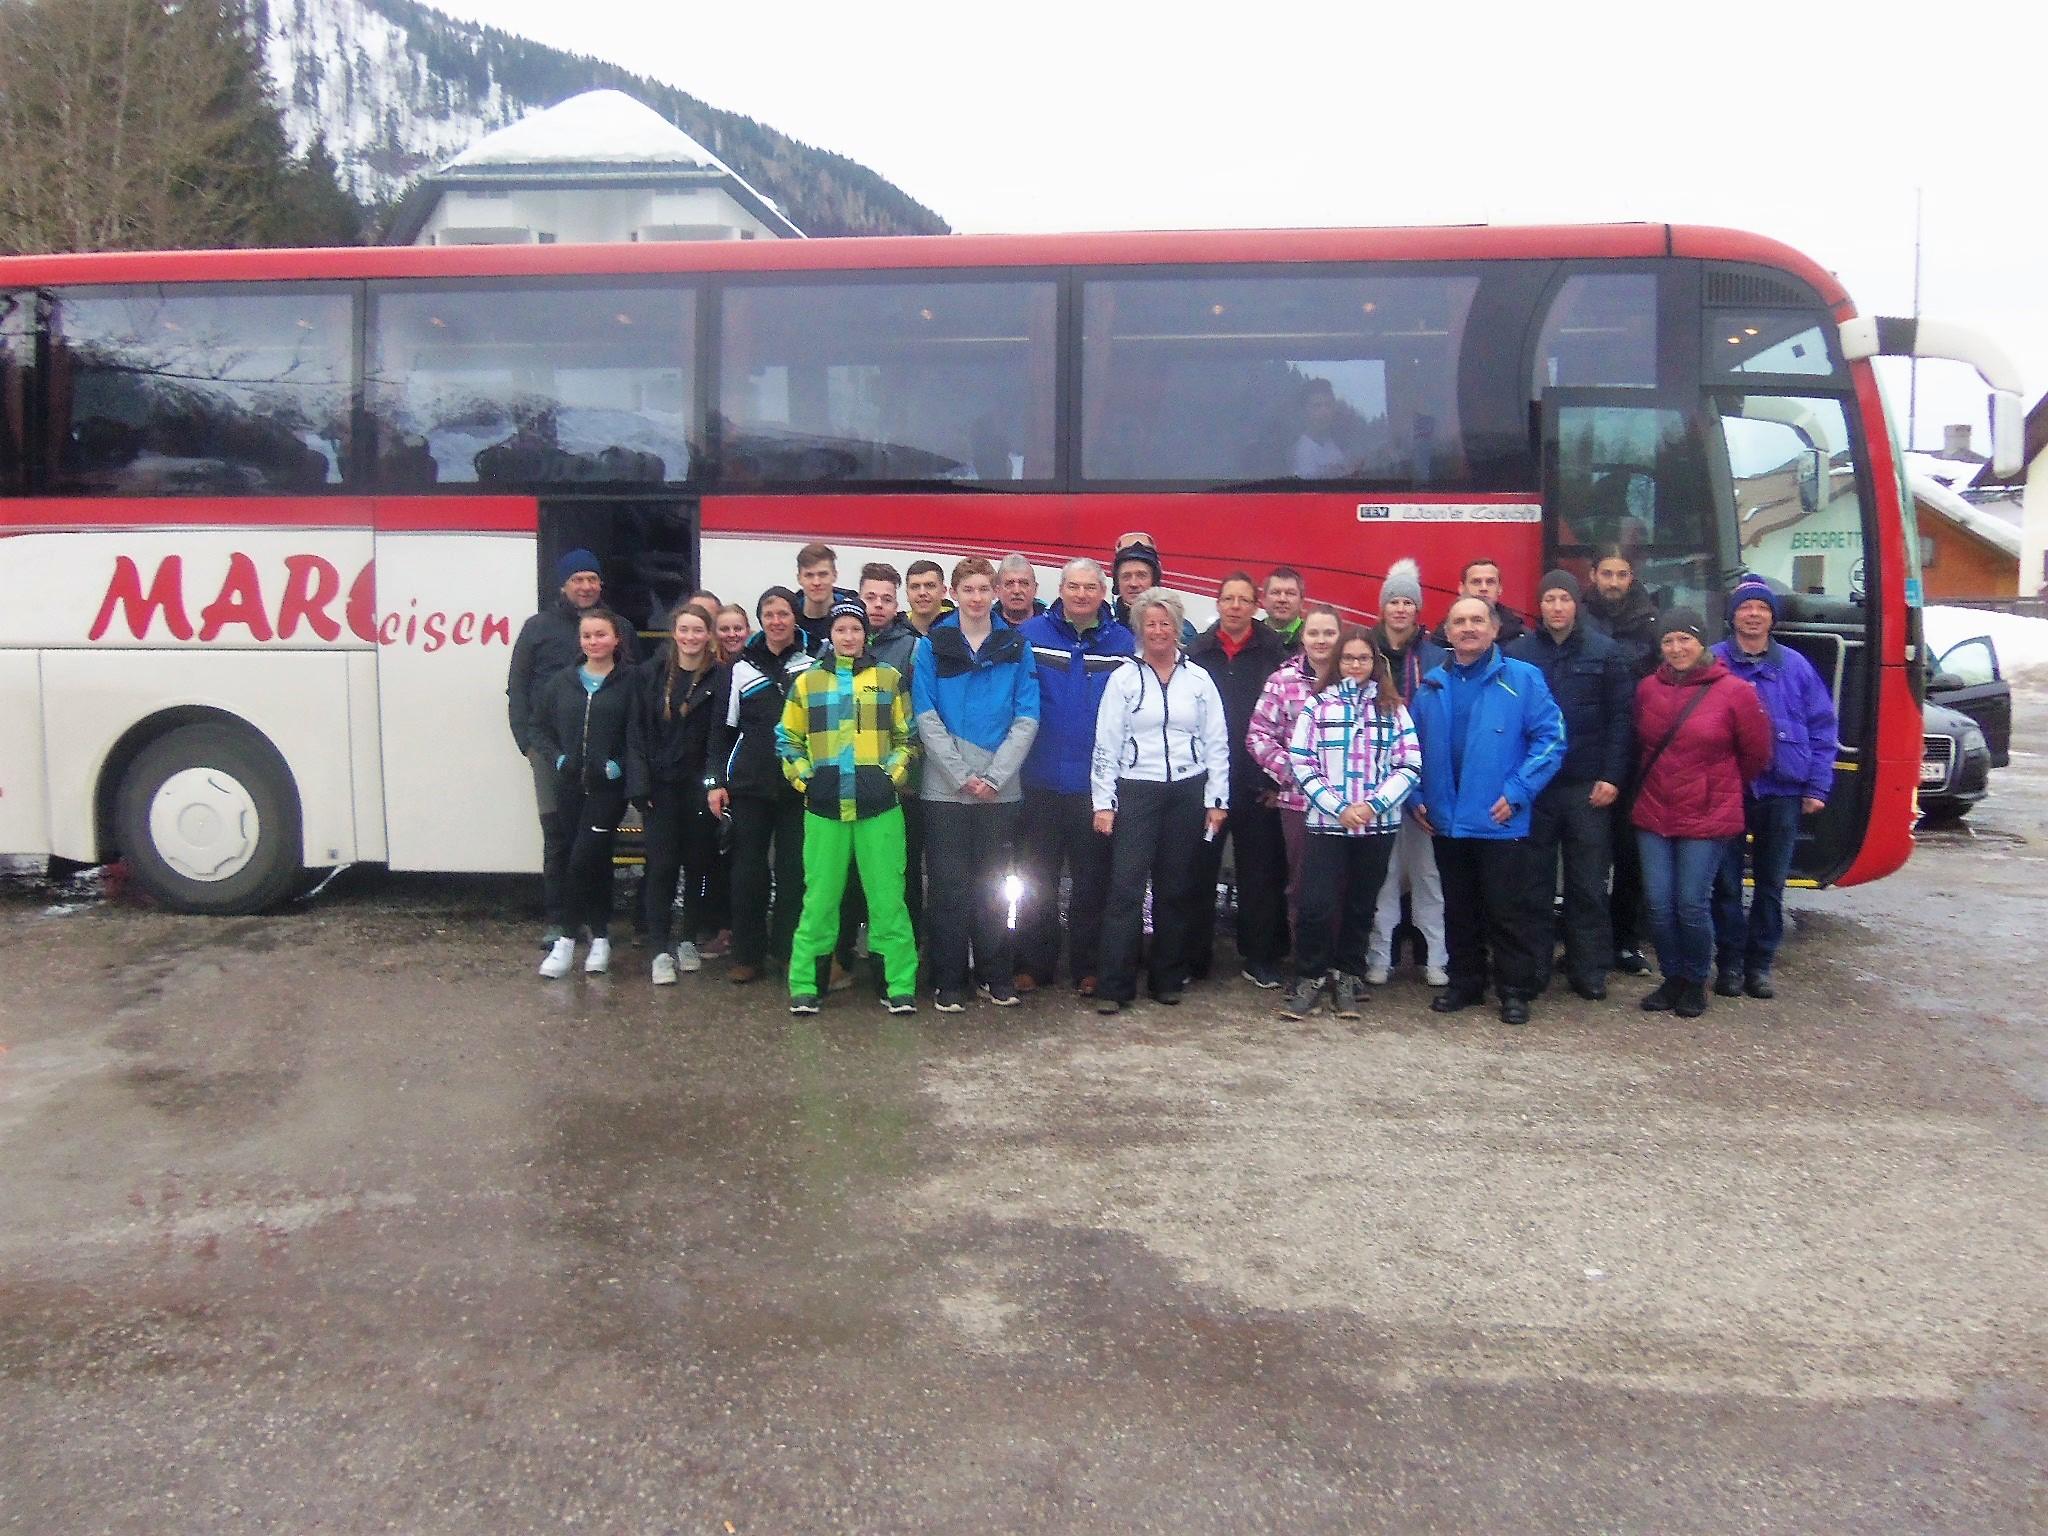 Sonnberg/Lackenhof: Insgesamt 35 Teilnehmer erlebten einen schönen und kalten Wintertag im schneereichen Skigebiet Lackenhof am Ötscher. Der Ausflug wurde vom Obmann des SV Sonnberg, Erich Brechelmacher (rechts), organisiert und durchgeführt. Das Erinnerungsfoto entstand kurz vor der Heimfahrt (einige waren schon im Bus).